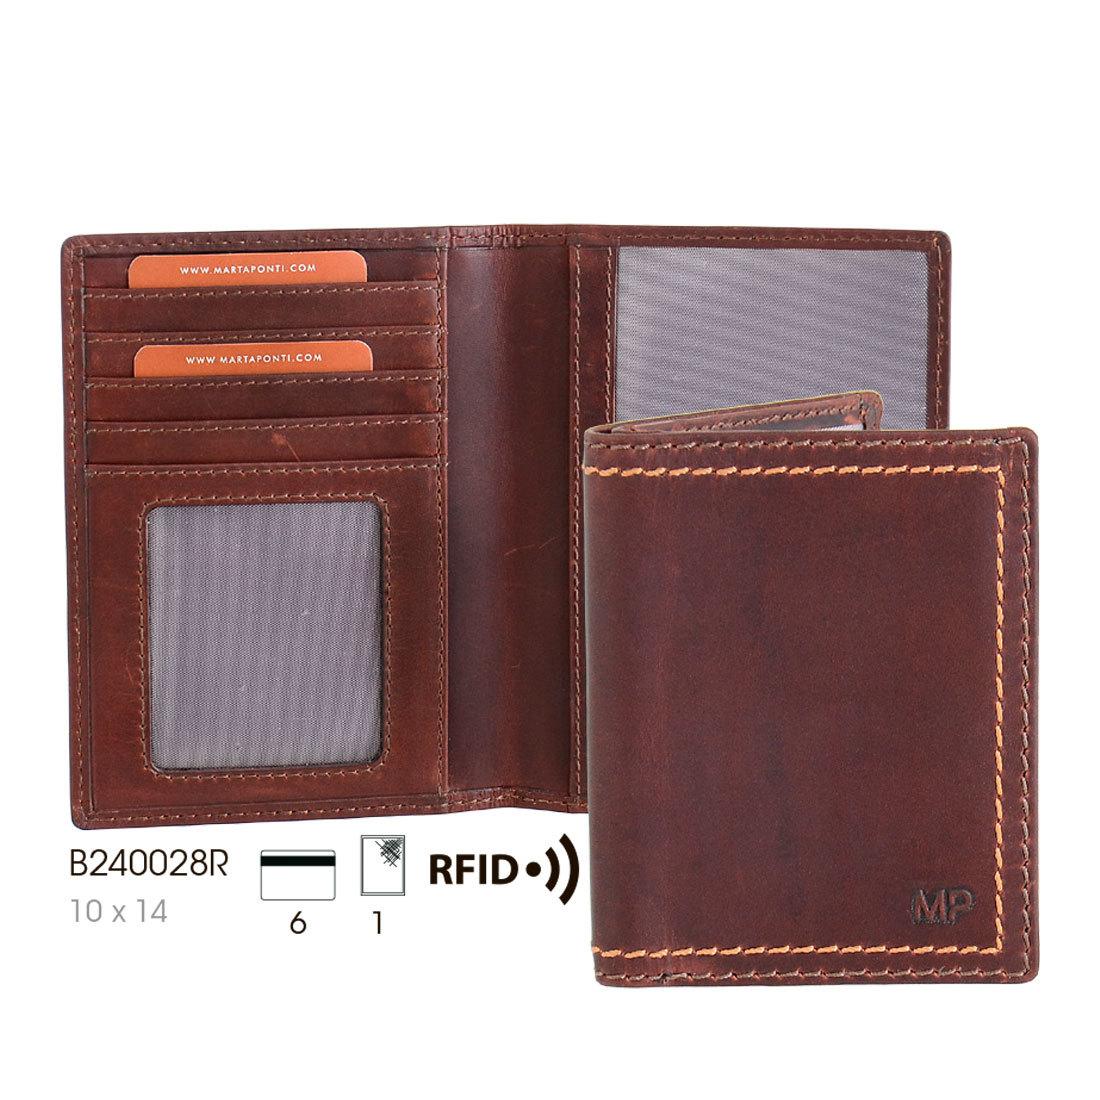 B240028R Cast/Camel - Обложка для документов с RFID защитой MP